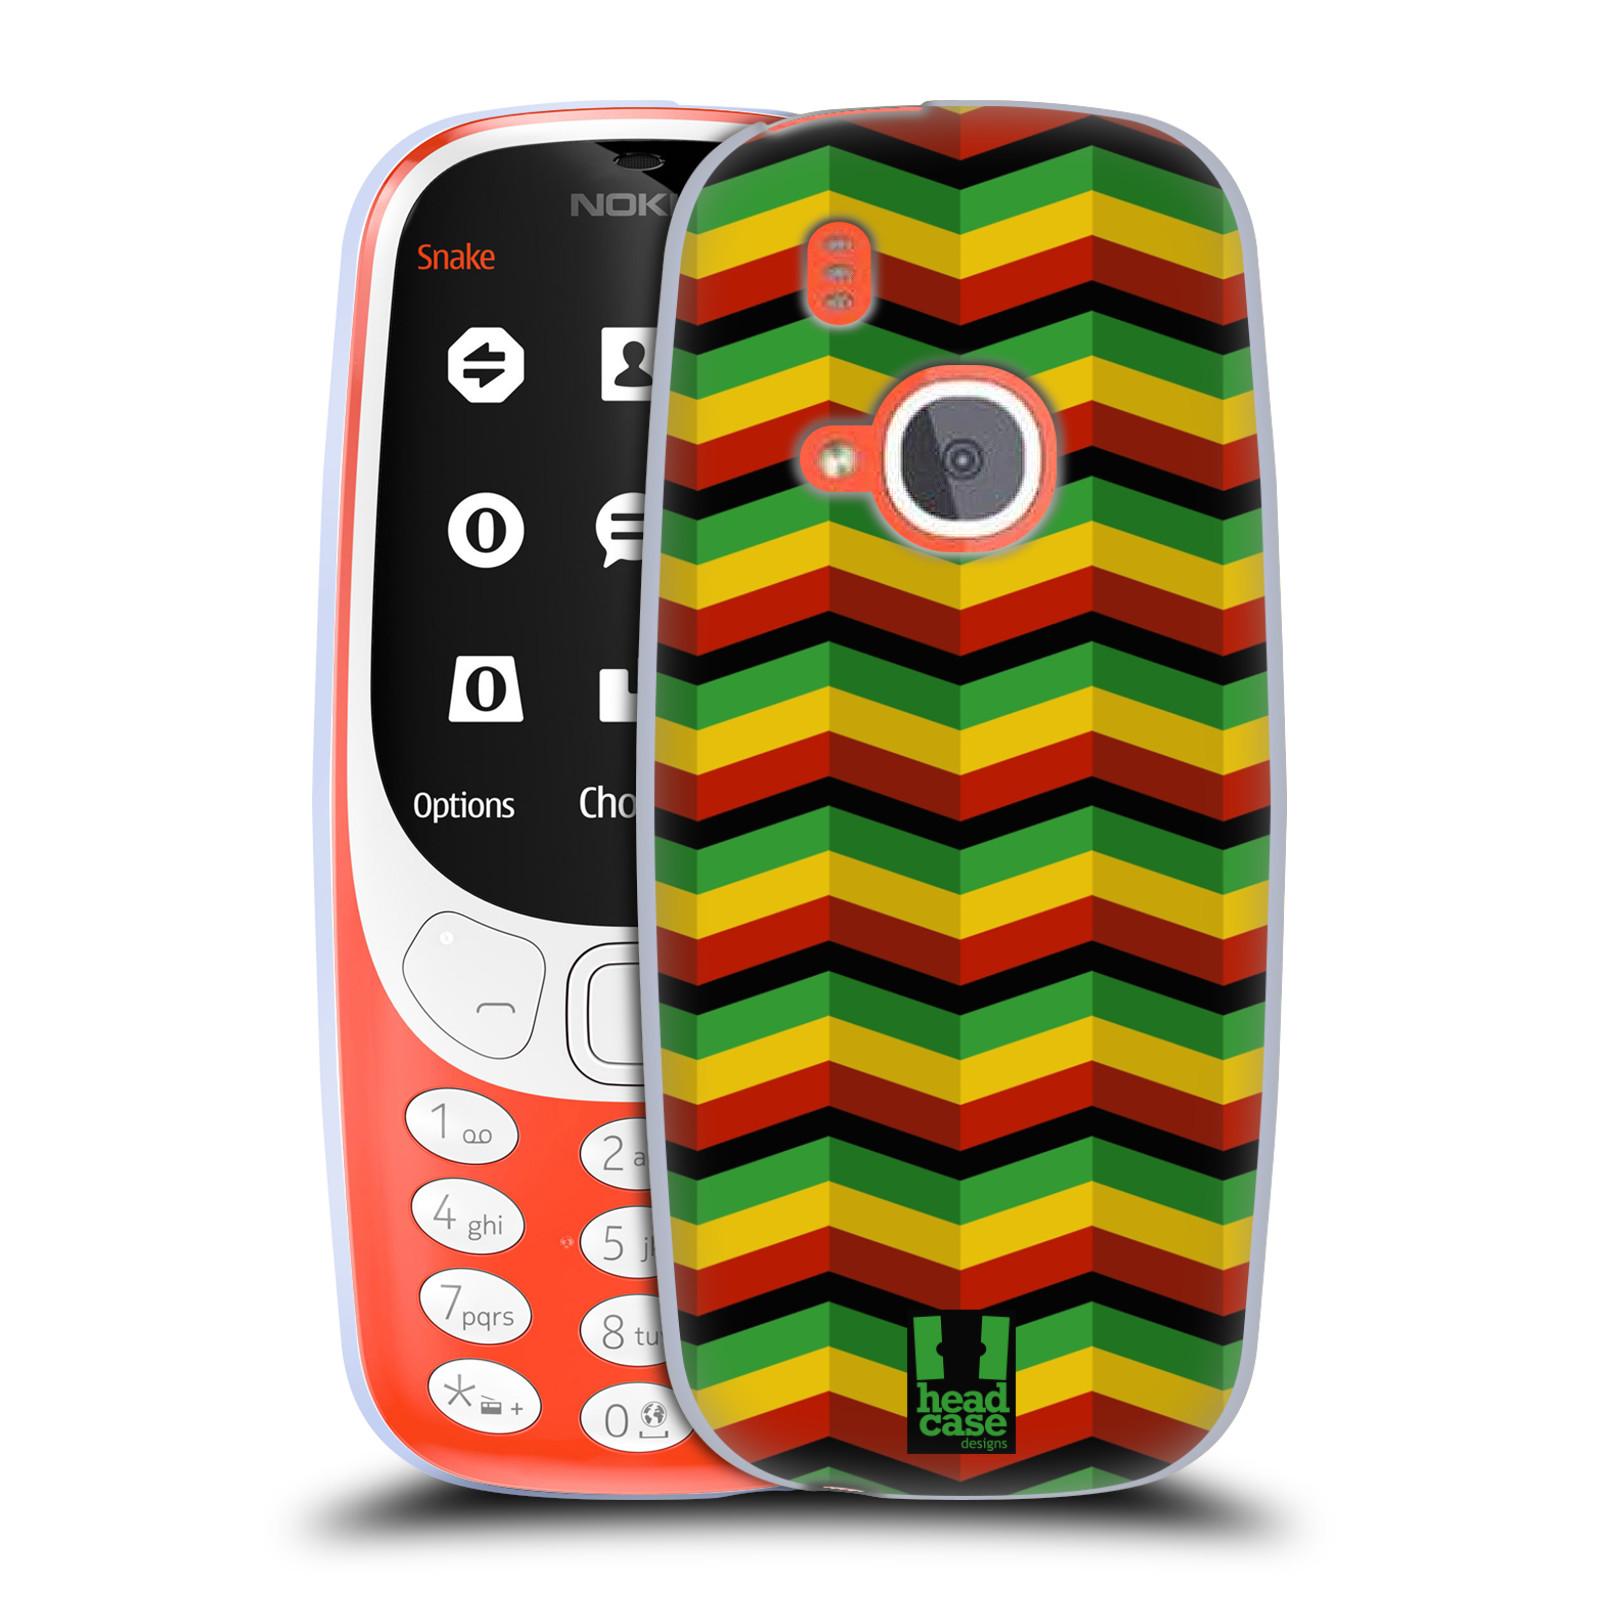 Silikonové pouzdro na mobil Nokia 3310 - Head Case - RASTA CHEVRON (Silikonový kryt či obal na mobilní telefon Nokia 3310 (2017) s motivem RASTA CHEVRON)